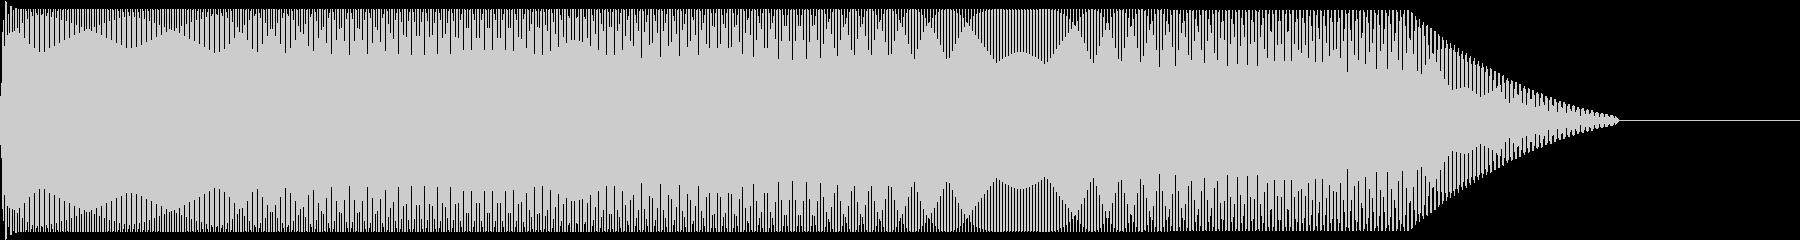 メタルコアベースドロップ D2→D1の未再生の波形